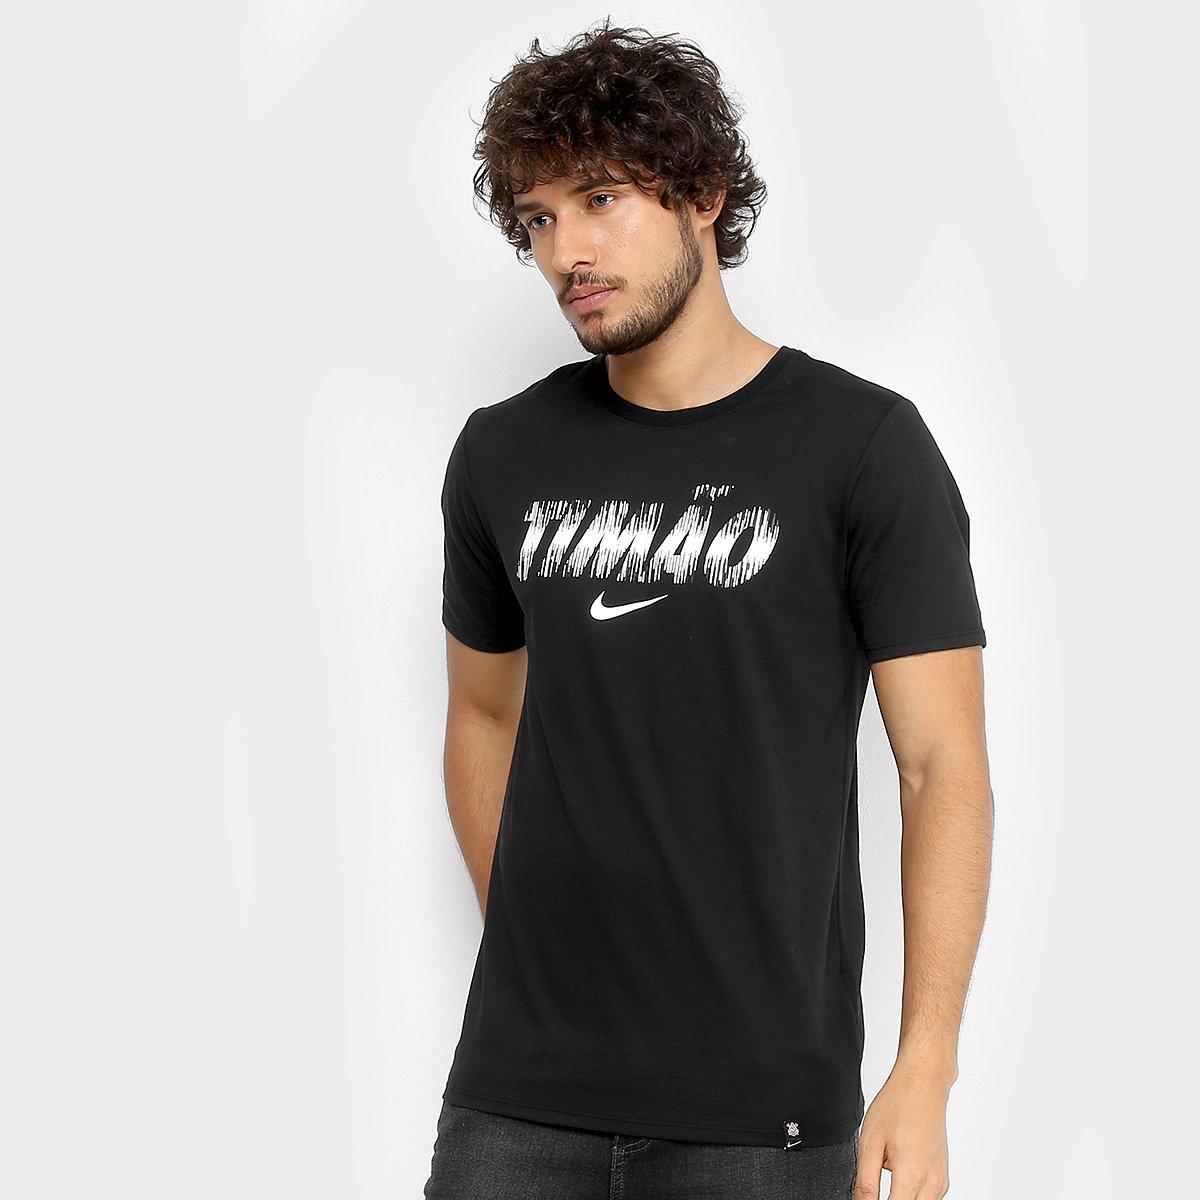 Camiseta Corinthians Nike Dry Masculina - Preto - Compre Agora ... 30c223e07c579